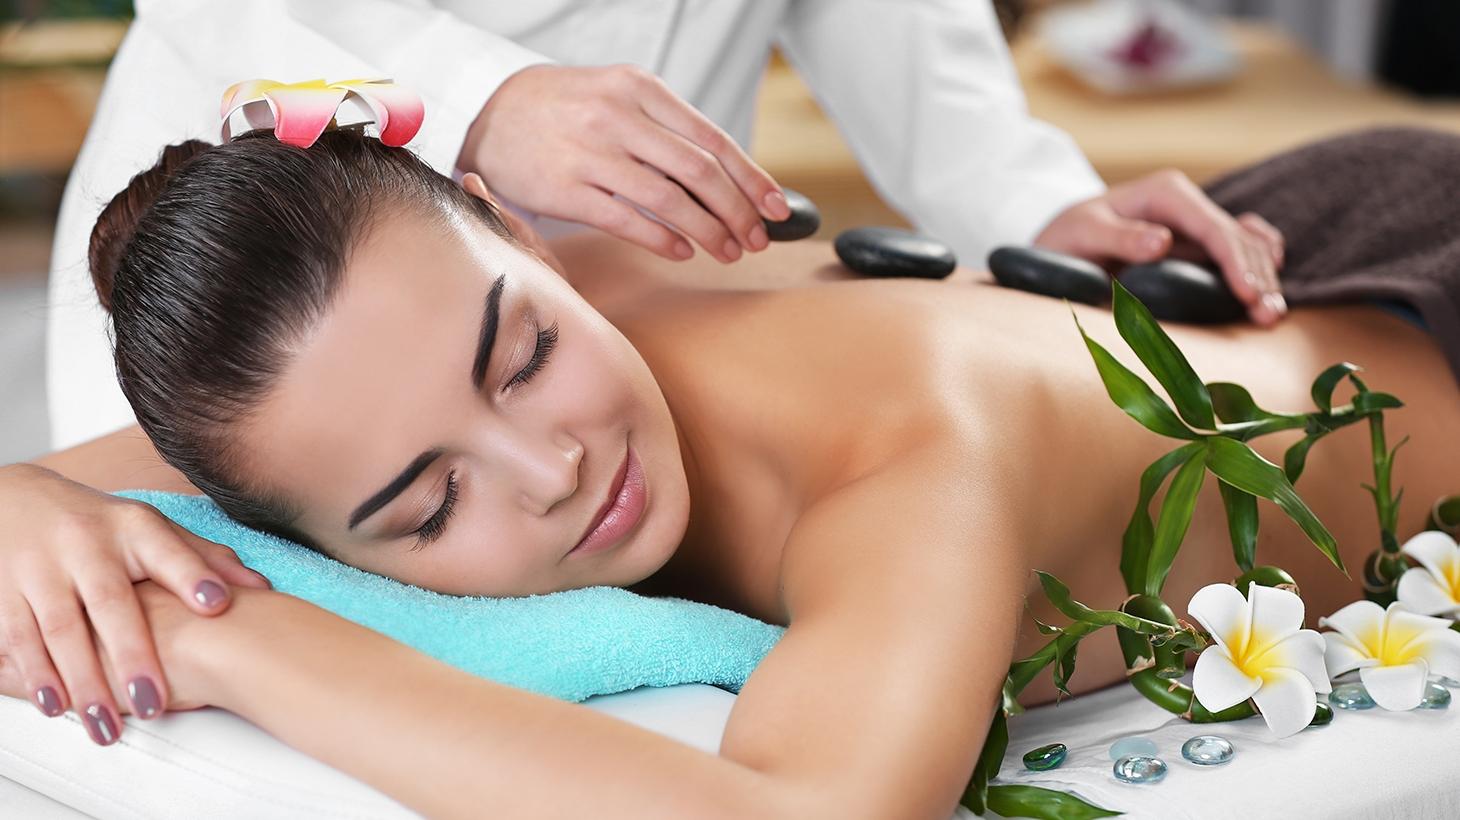 massazh-spa-salon-porno-foto-podglyadivat-za-balerinami